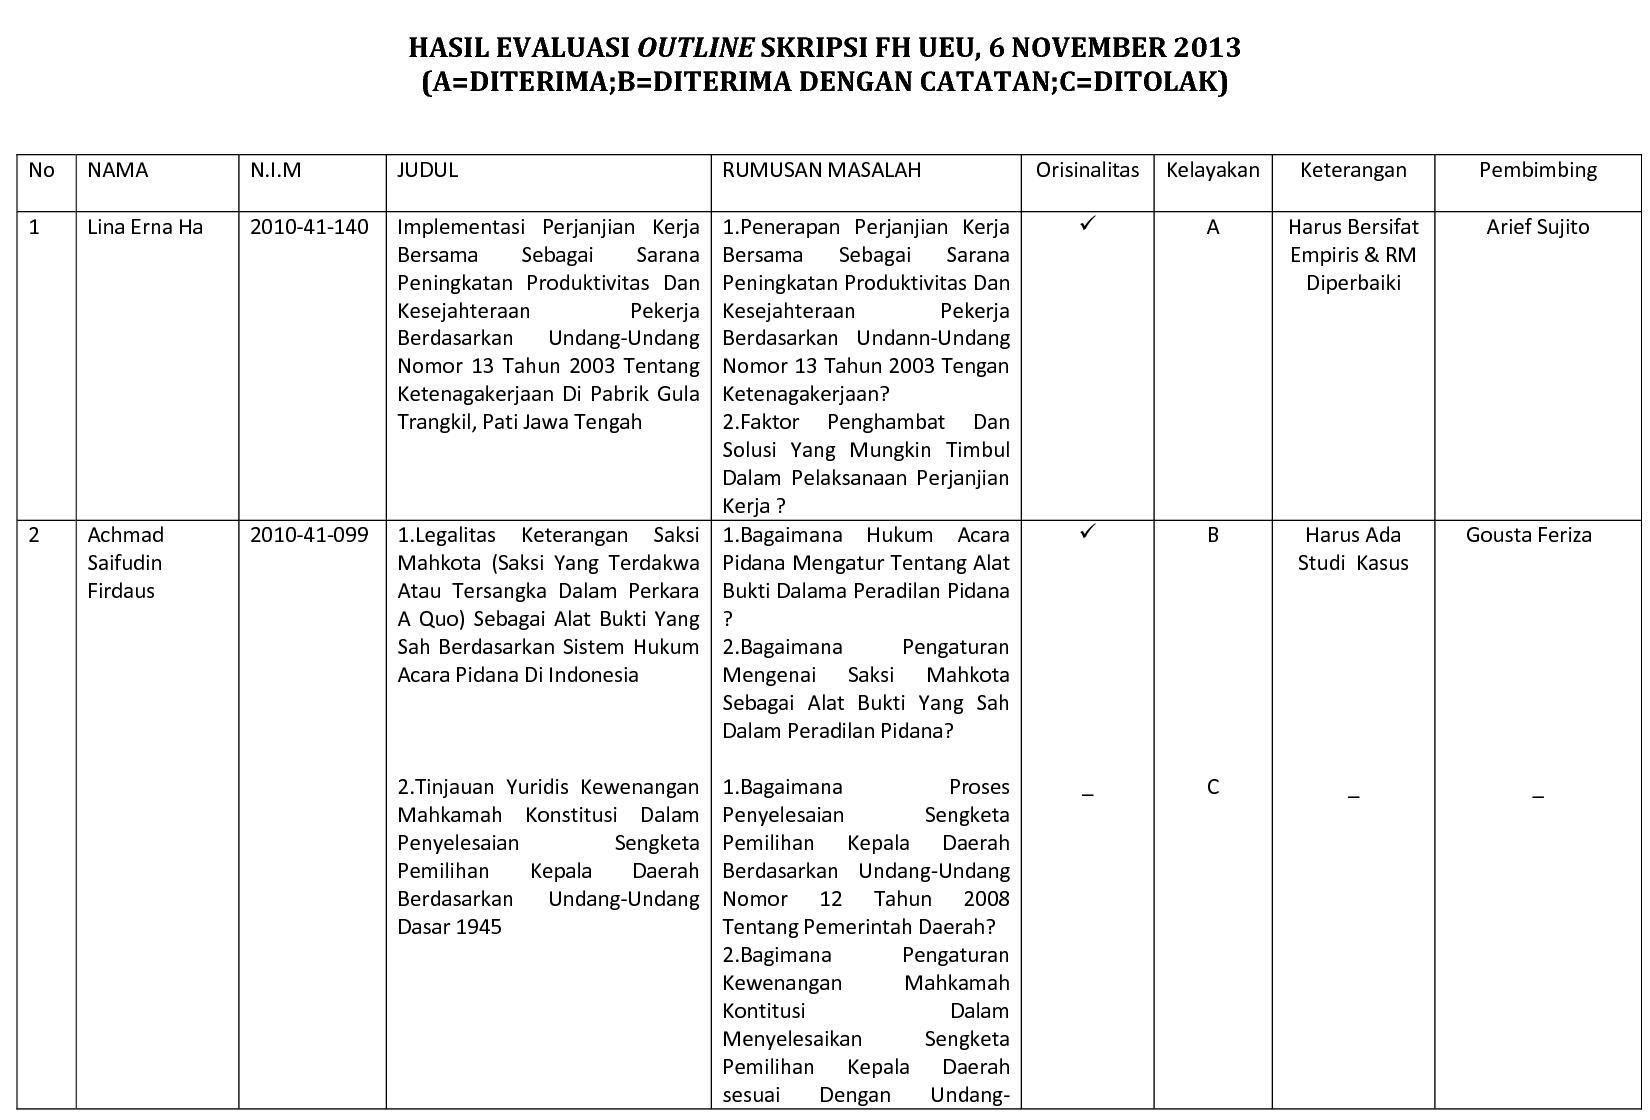 Hasil Evaluasi Outline Skripsi Fakultas Hukum Universitas Esa Unggul – 6 Nopember 2013